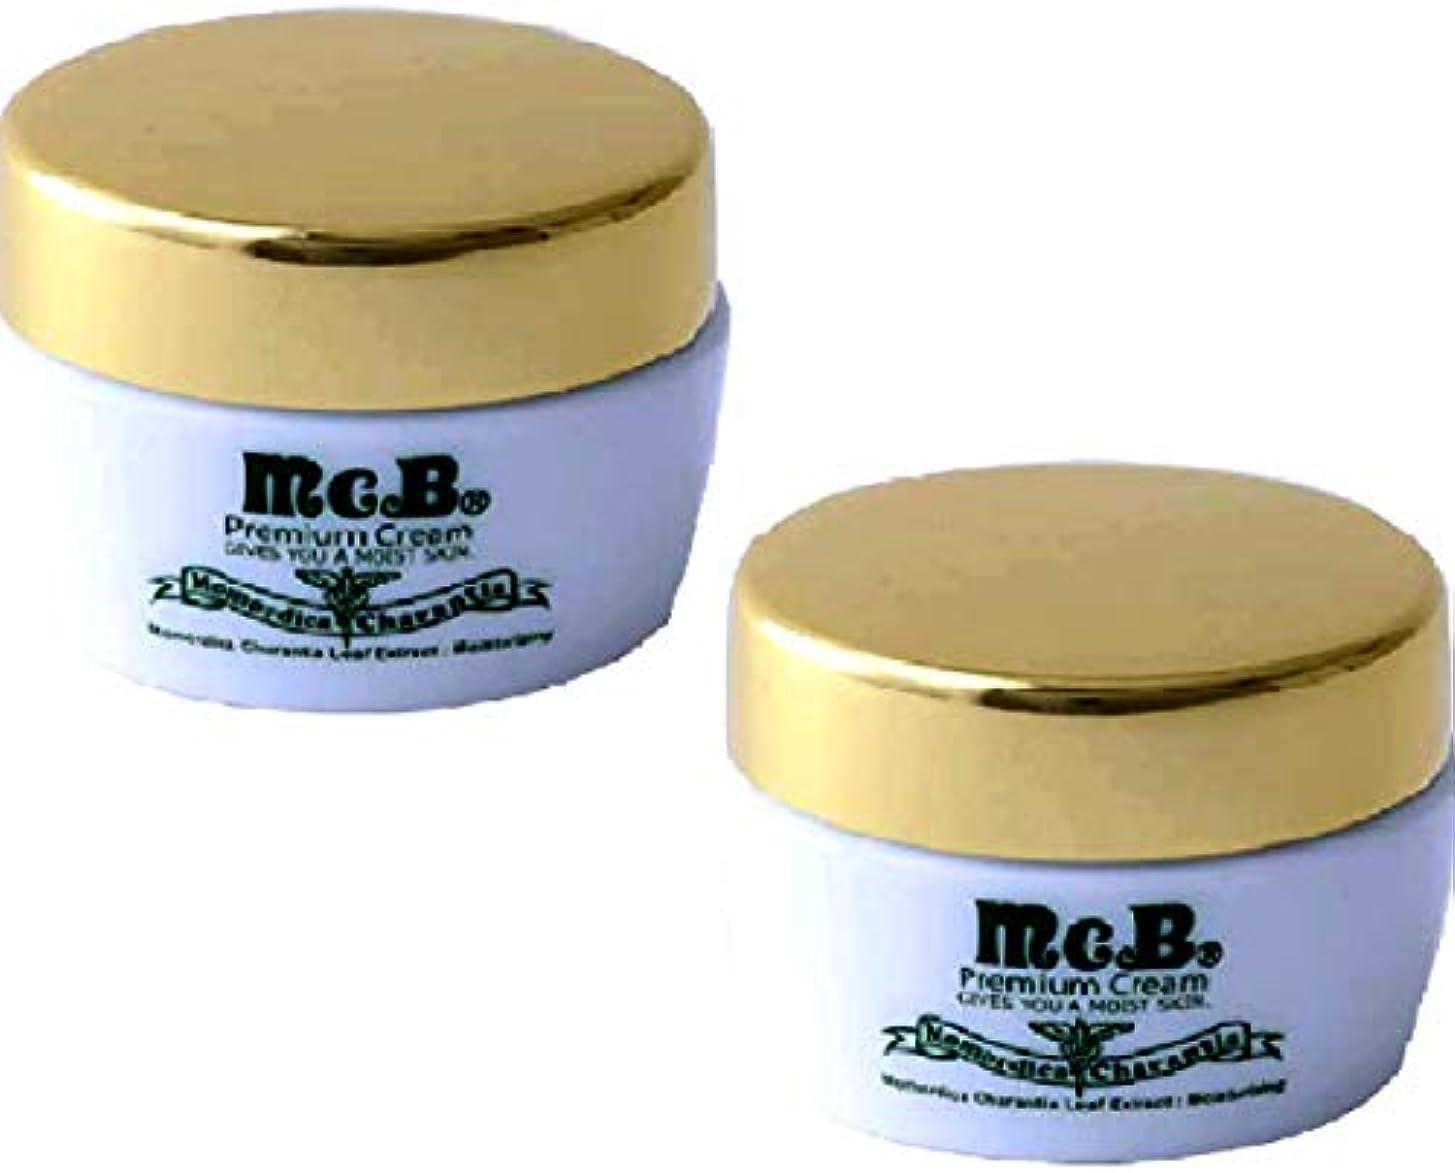 ツーリスト傾向がある性別McB マックビー プレミアム クリーム Premium Cream 2個 セット 正規代理店